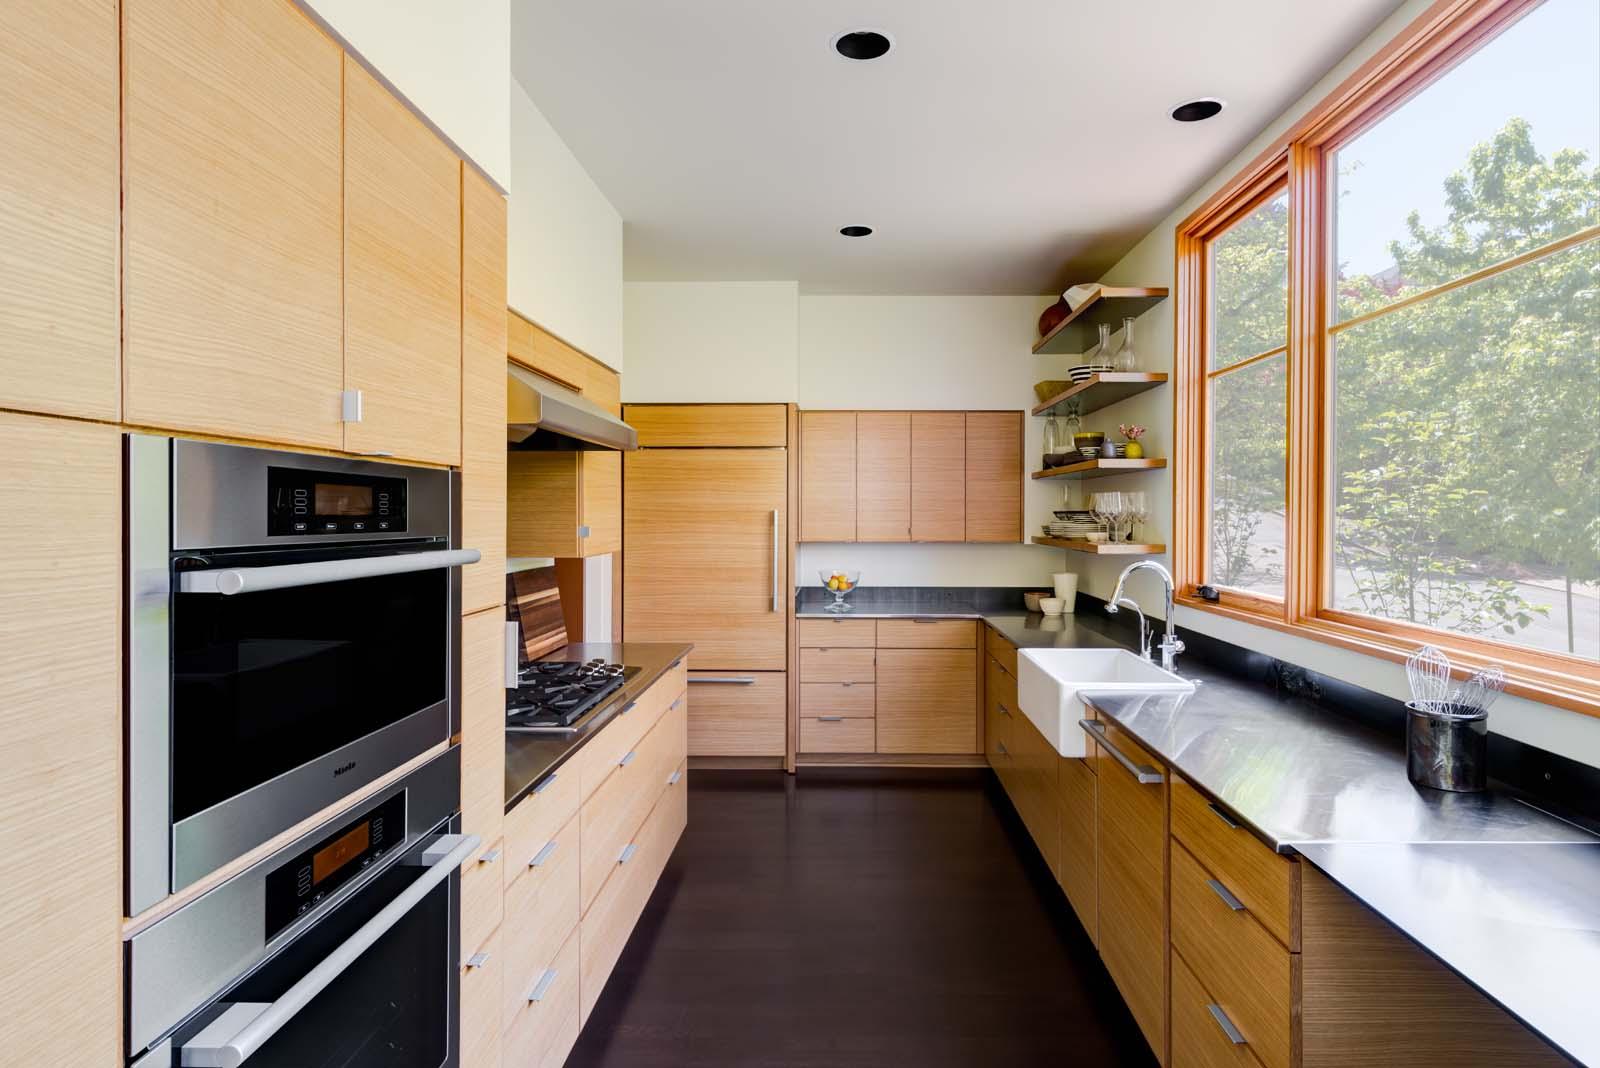 West Hills Modern_Interior_kitchen_2.jpg